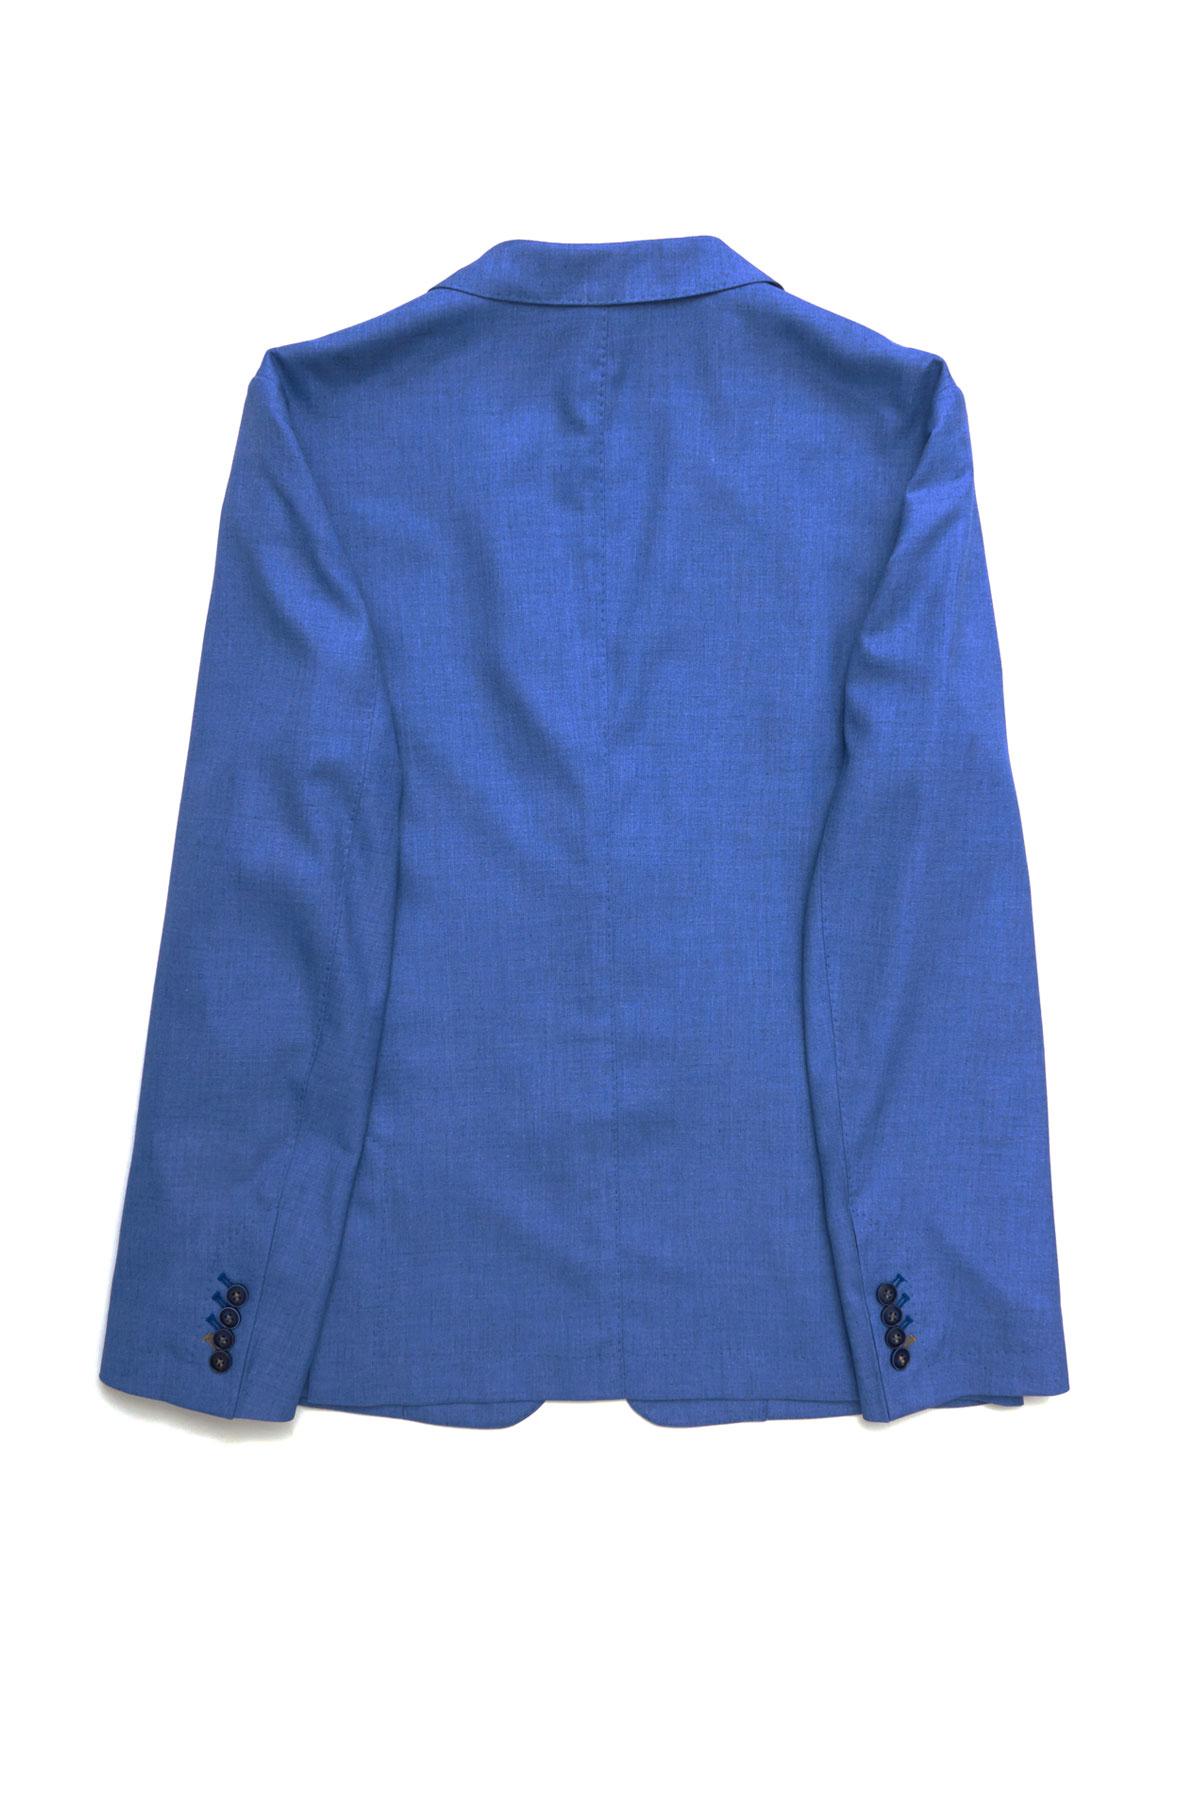 Пиджак голубого цвета Vaismann 1922-18